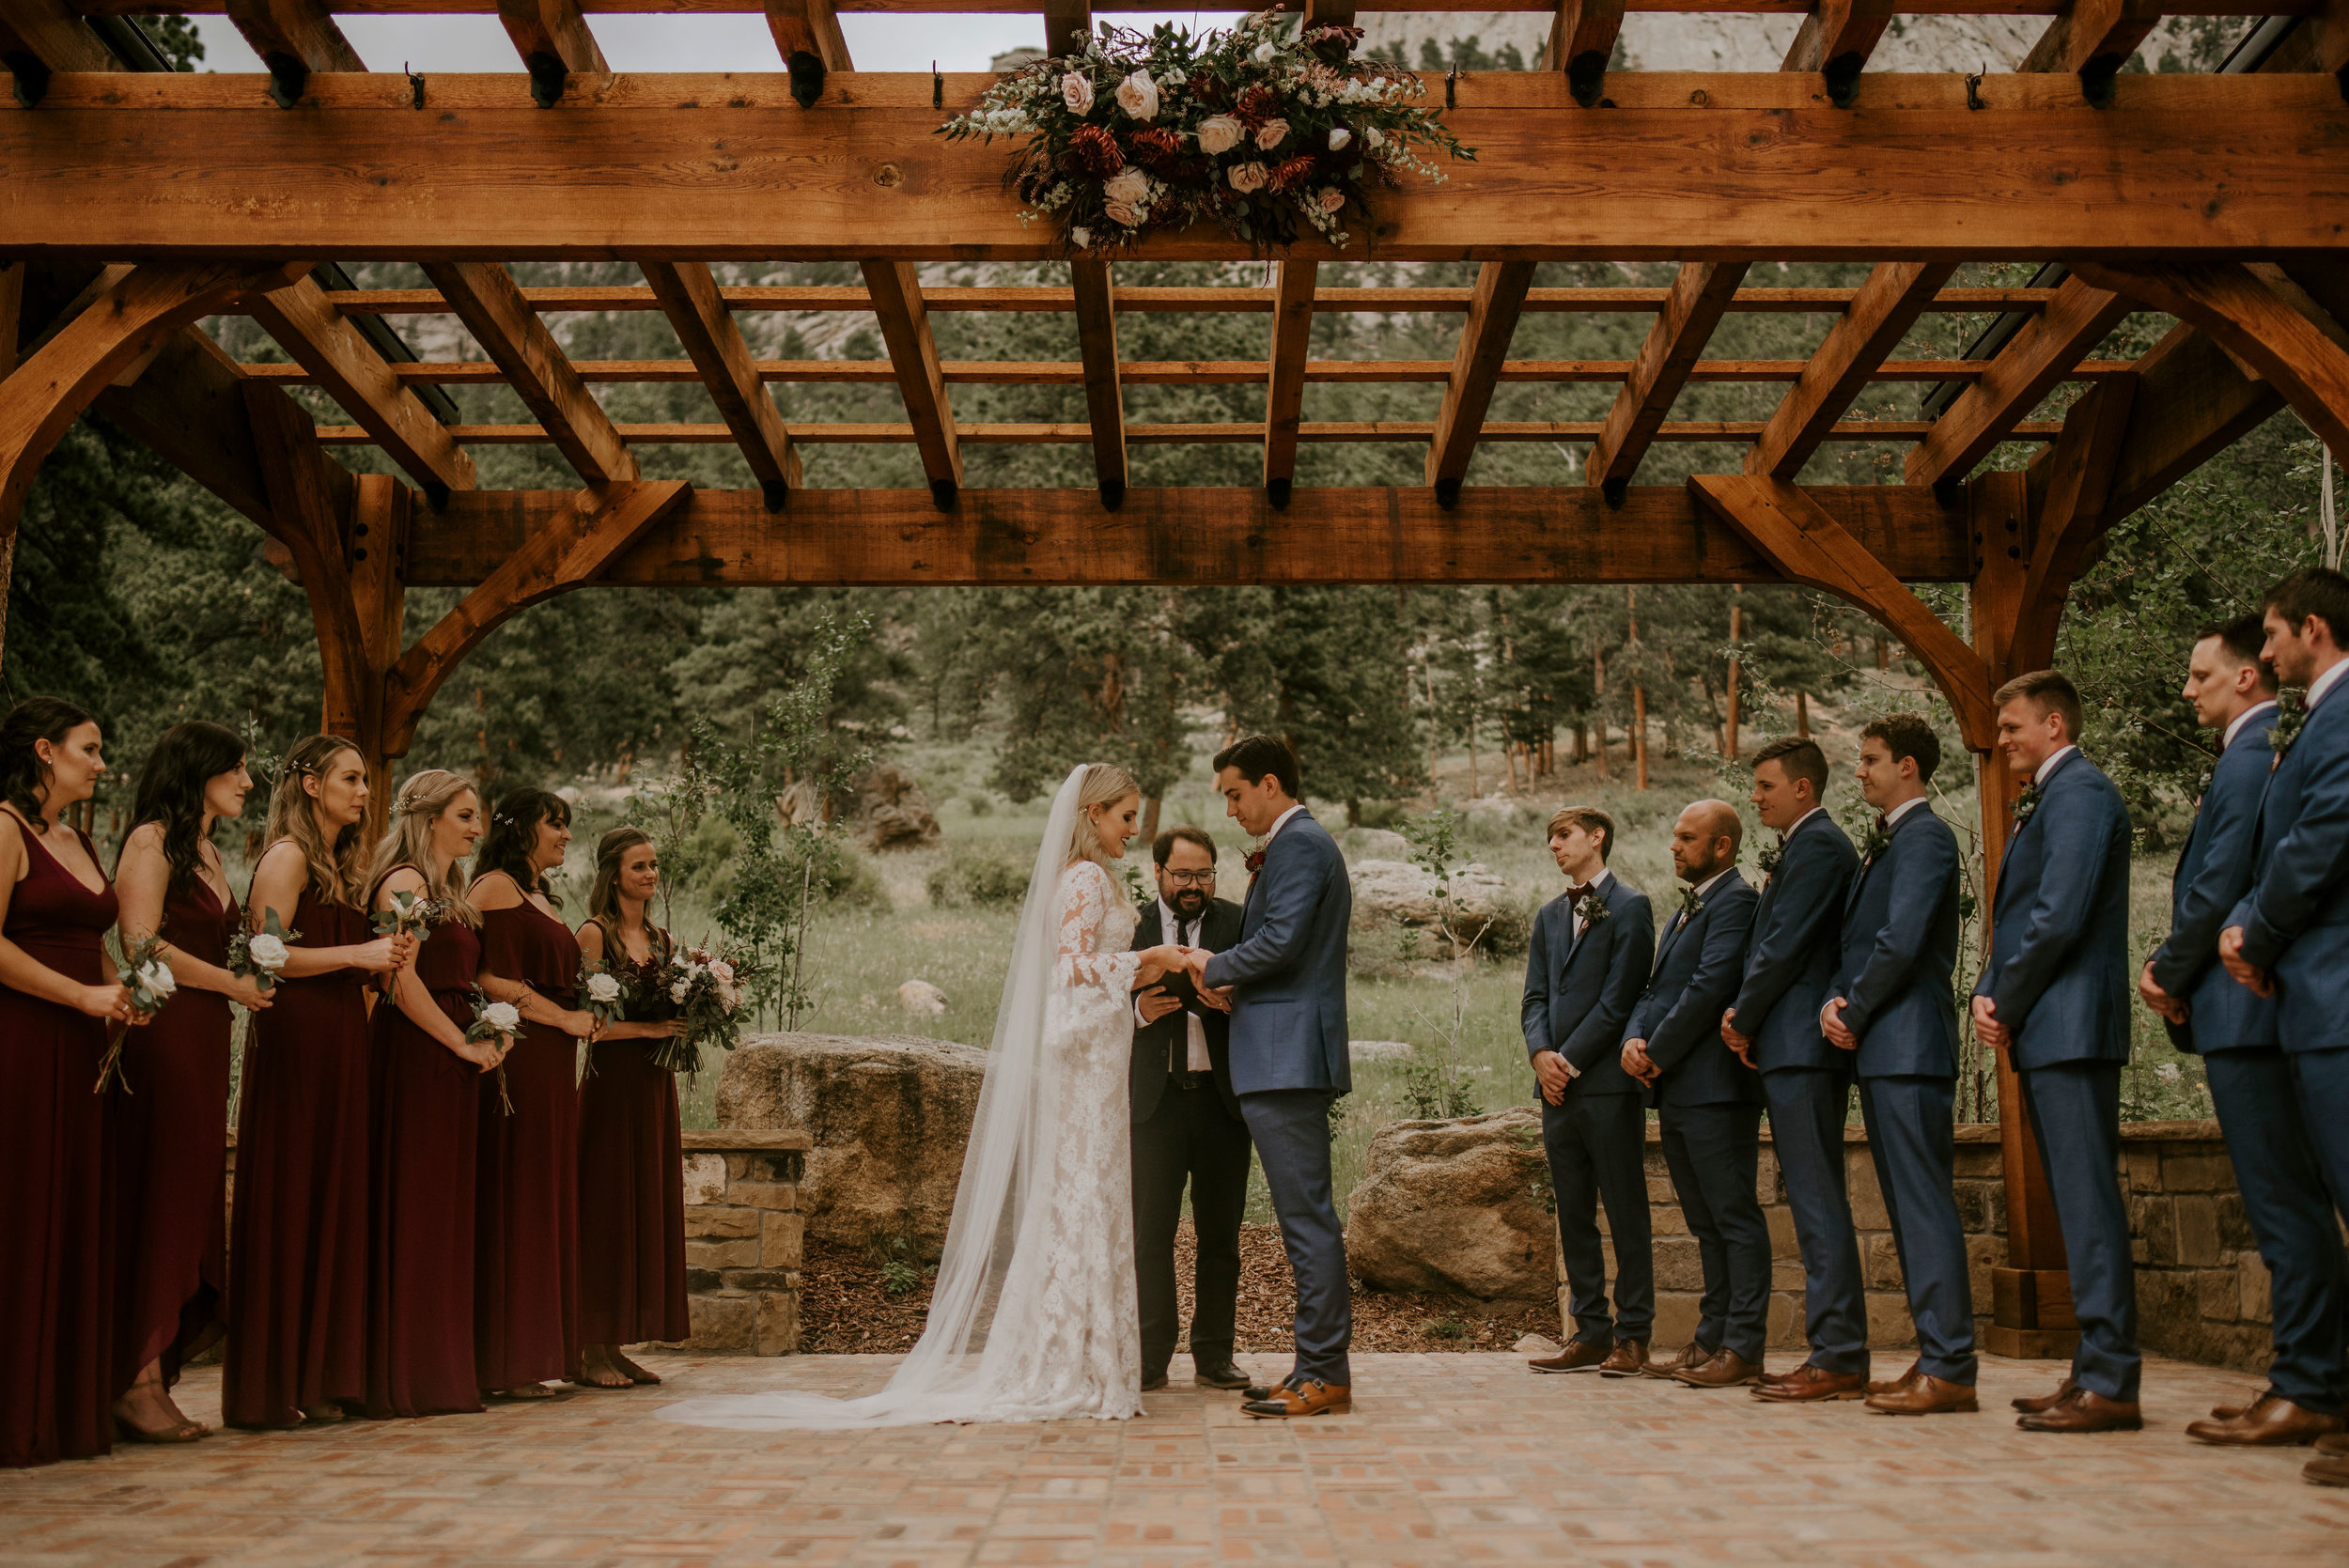 della_terra_chateau_wedding_photographer23.jpg